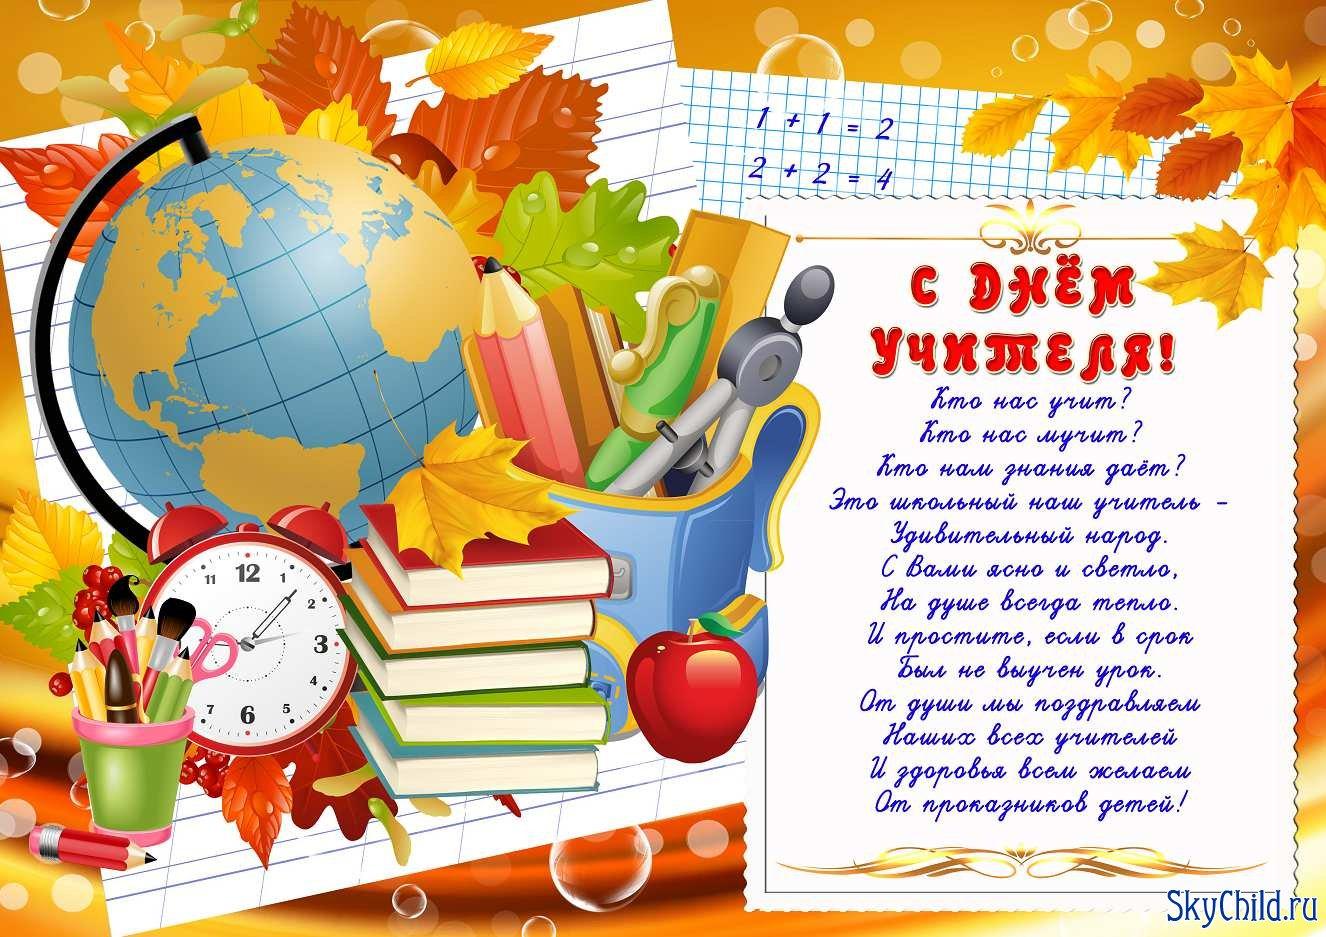 Всемирный день учителя - 5 октября. История. - Праздники сегодня 92